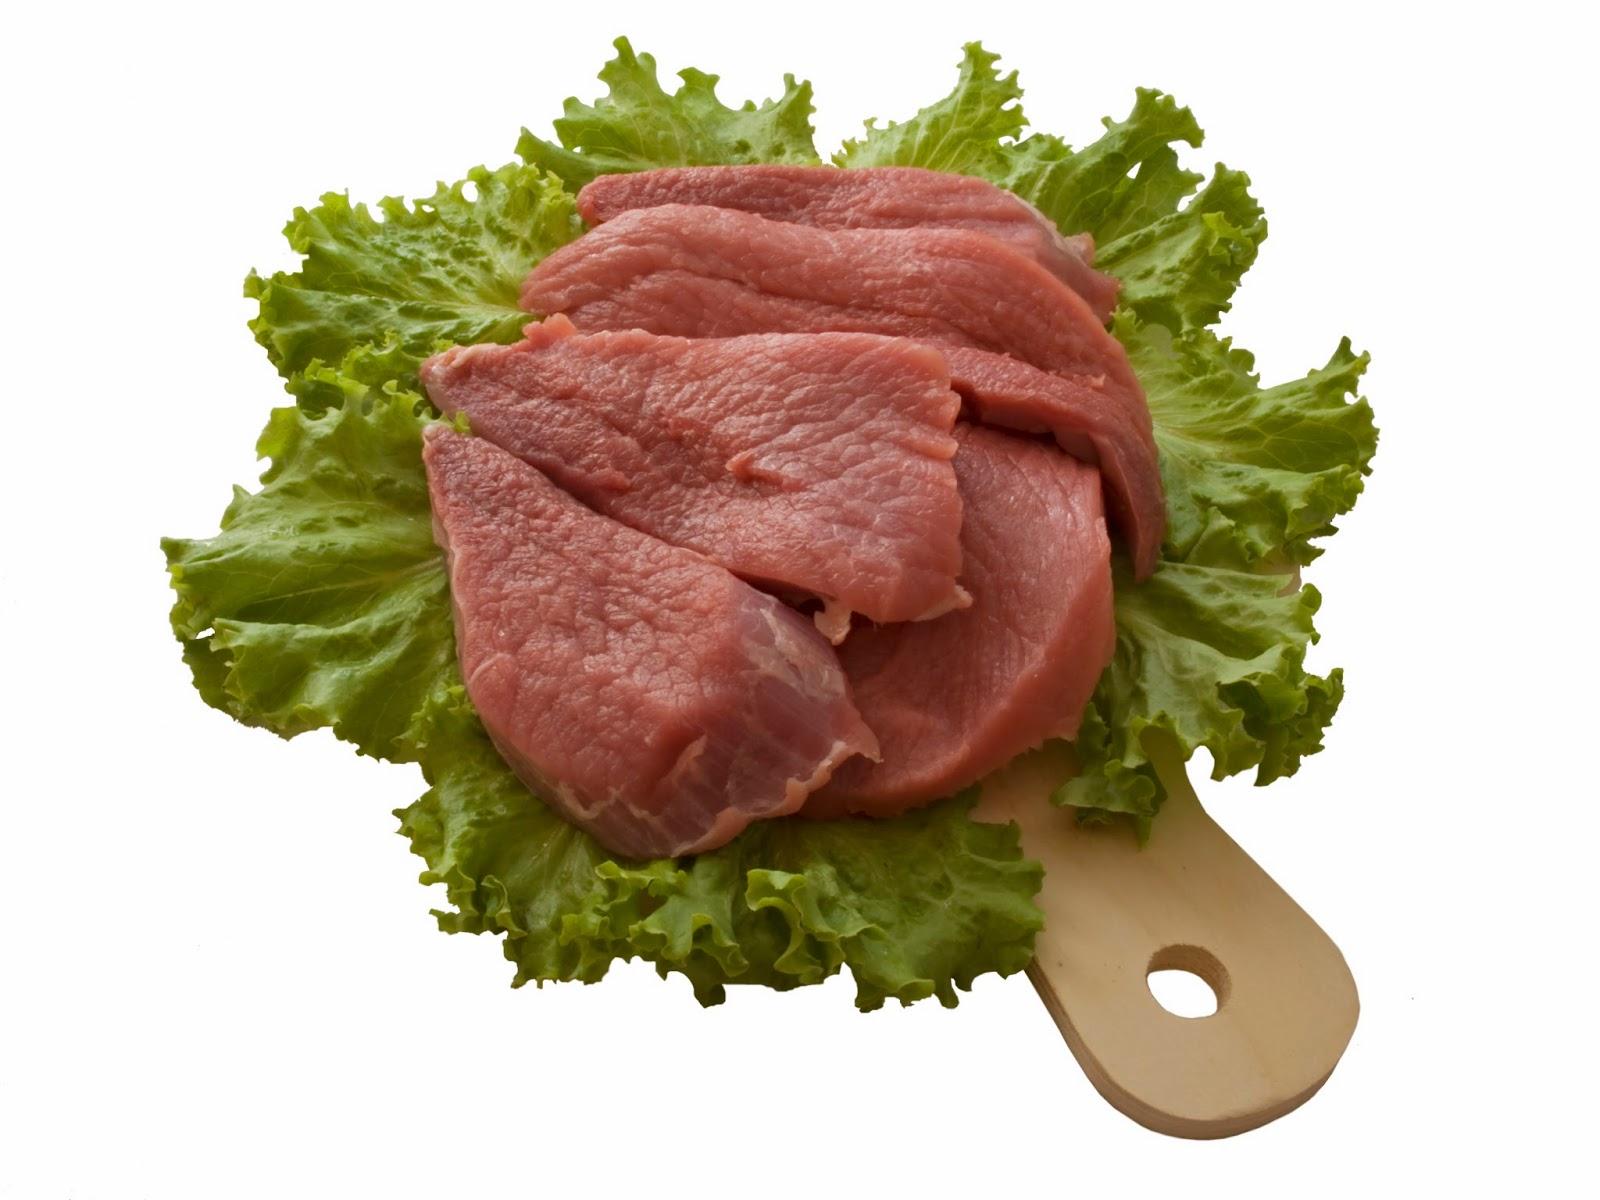 como aliviar la gota en el pie fotos acido urico en los pies salmon produce acido urico